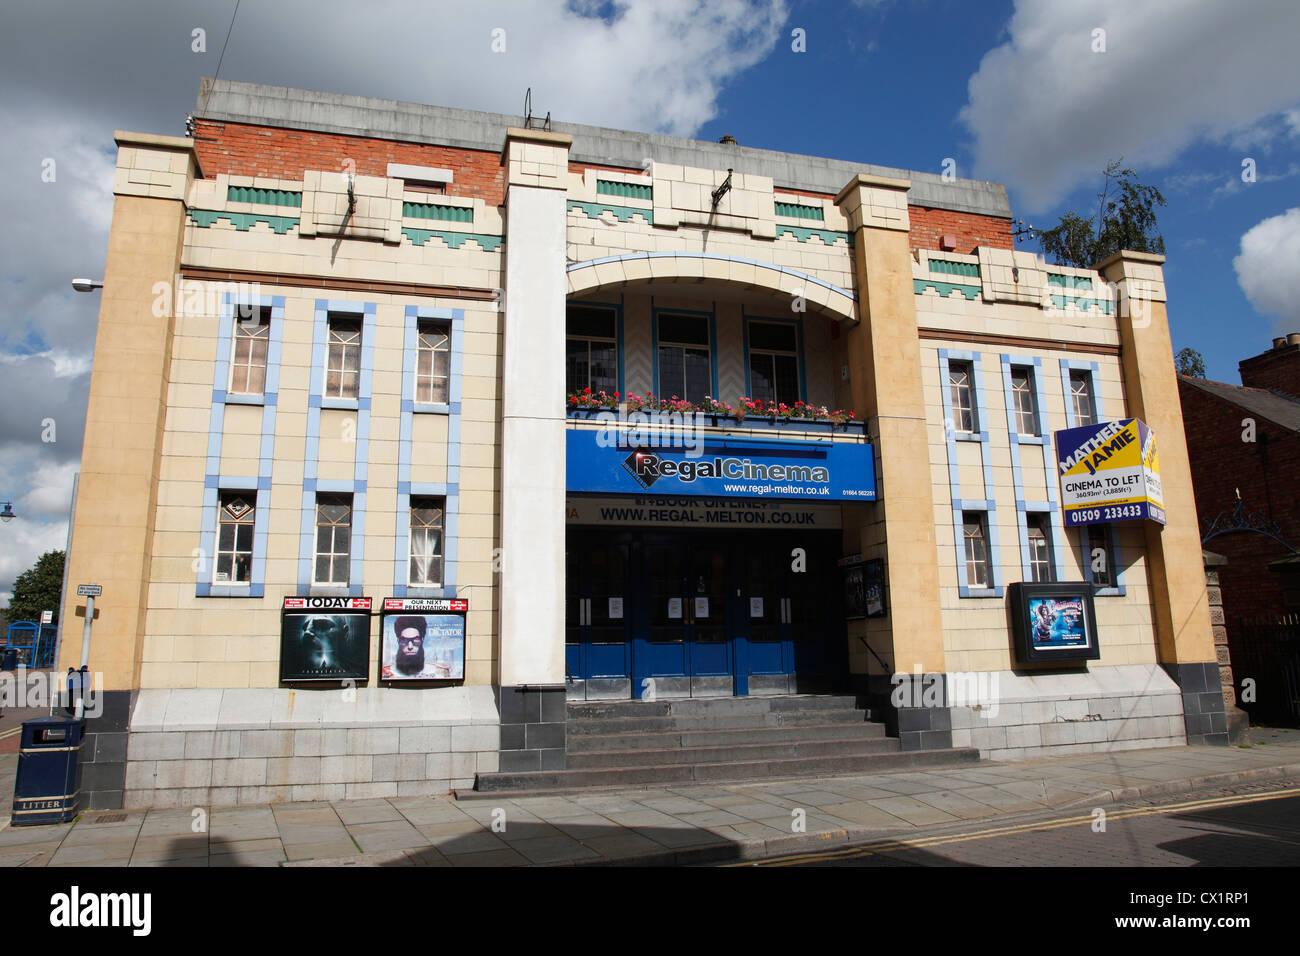 Il Regal Cinema, melton mowbray, leicestershire, England, Regno Unito Immagini Stock